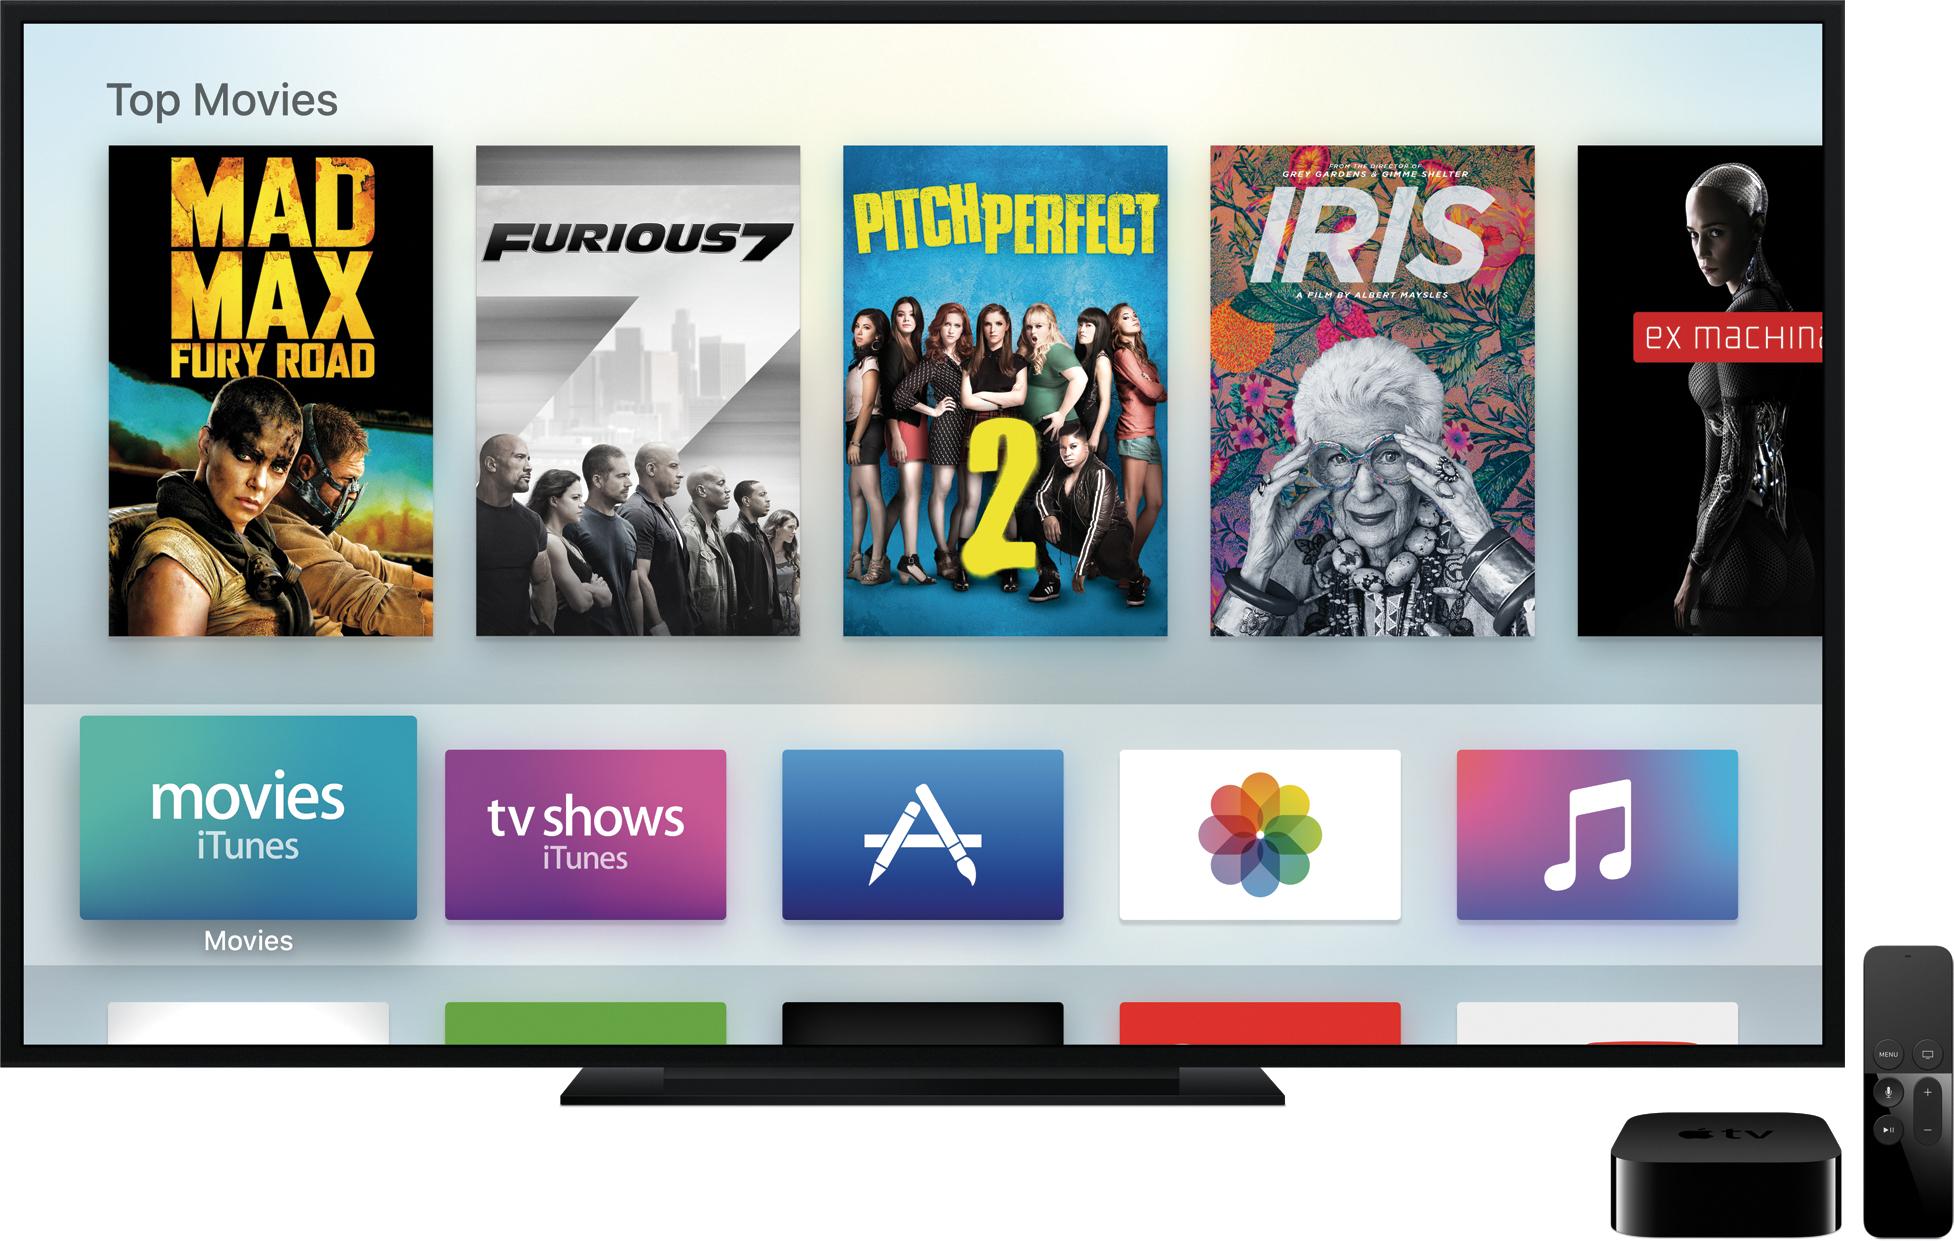 Apple TV baru di sebelah remote dengan layar home tvOS